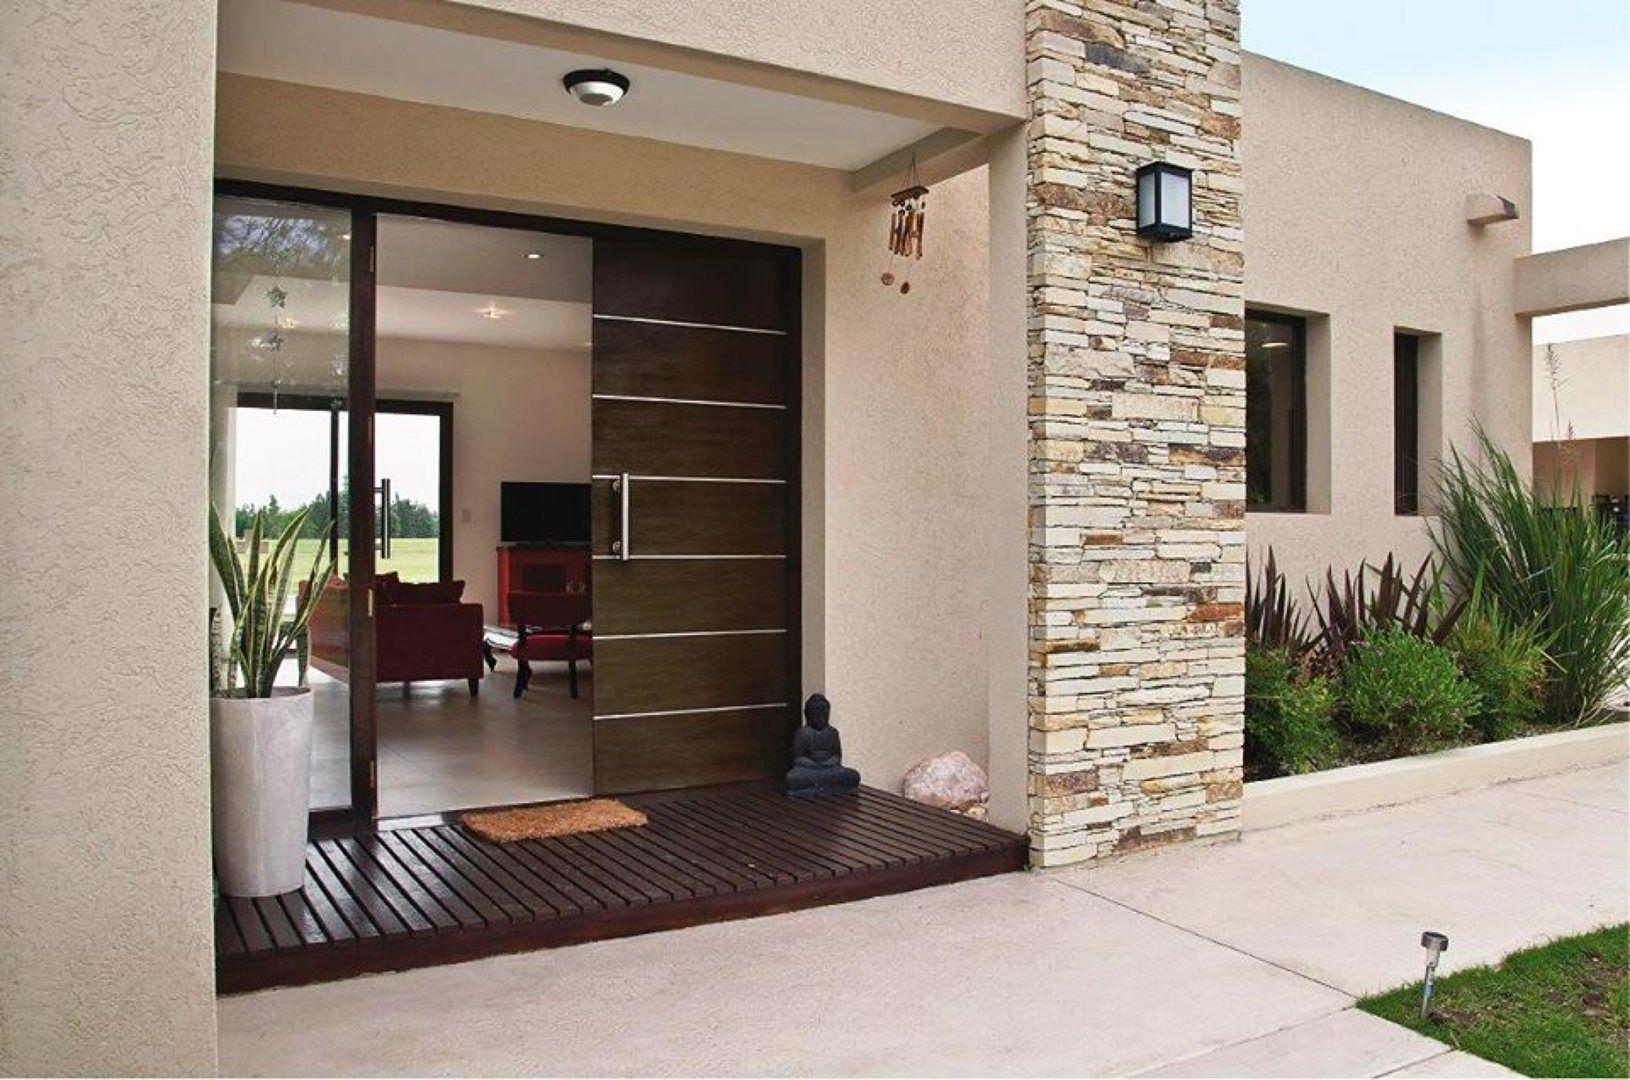 Frente quinchos y piscinas casas casas peque as y for Remodelacion de casas pequenas